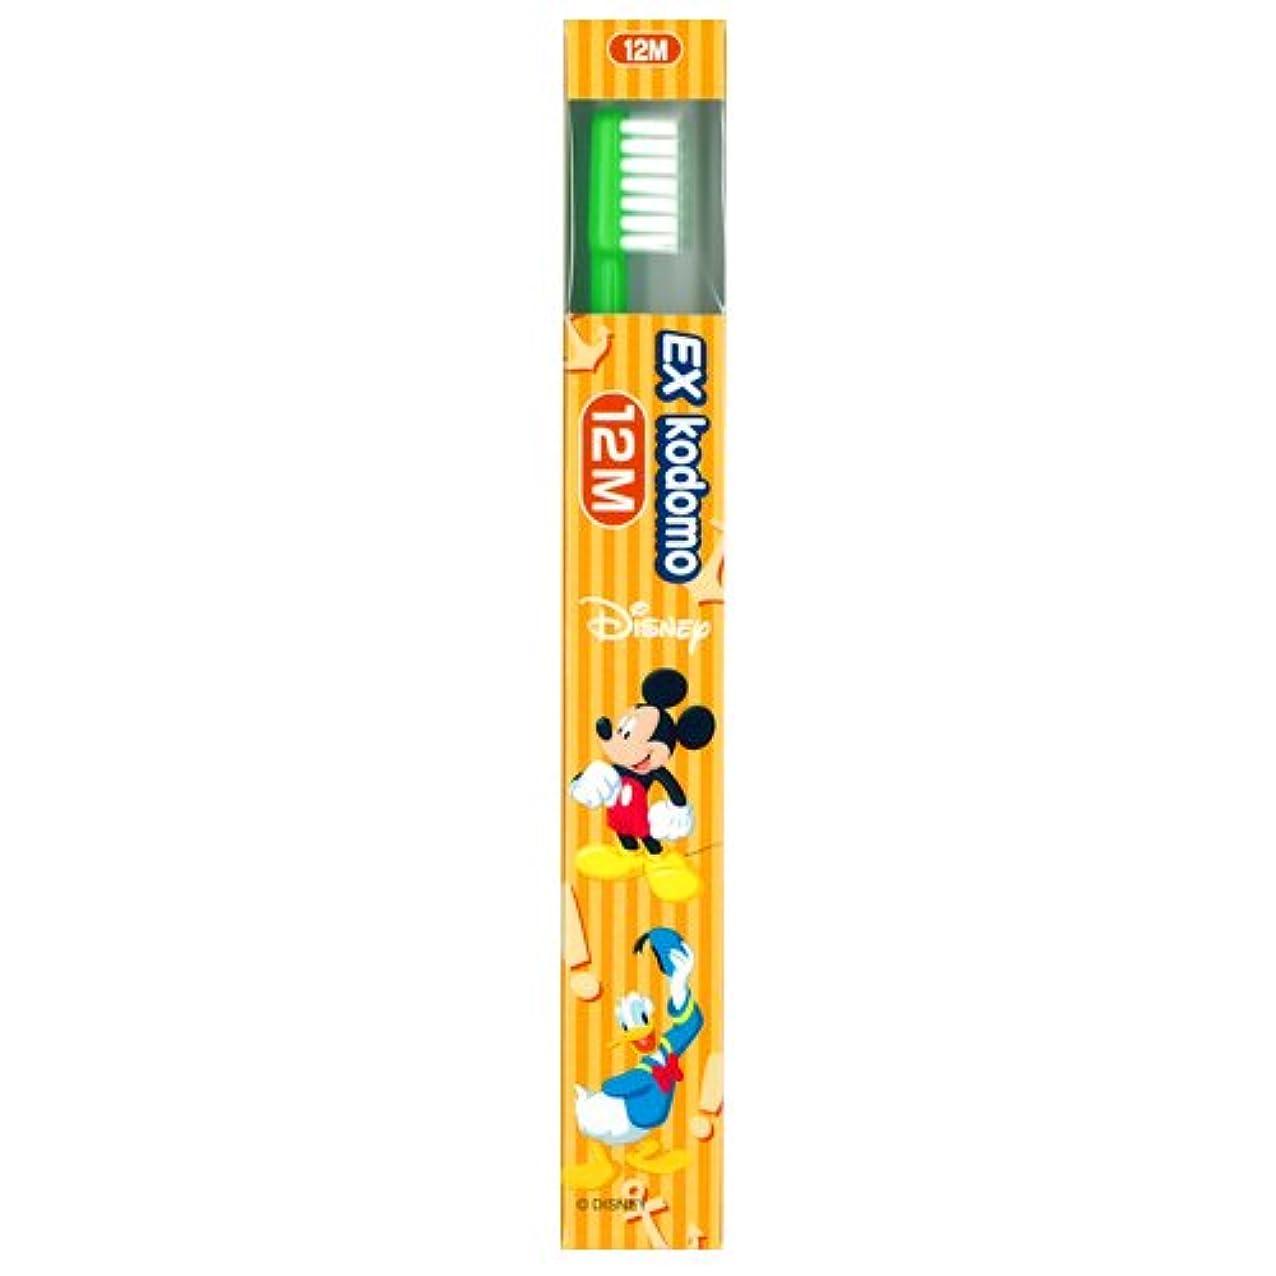 段落縁石メーターライオン EX kodomo ディズニー 歯ブラシ 1本 12M グリーン